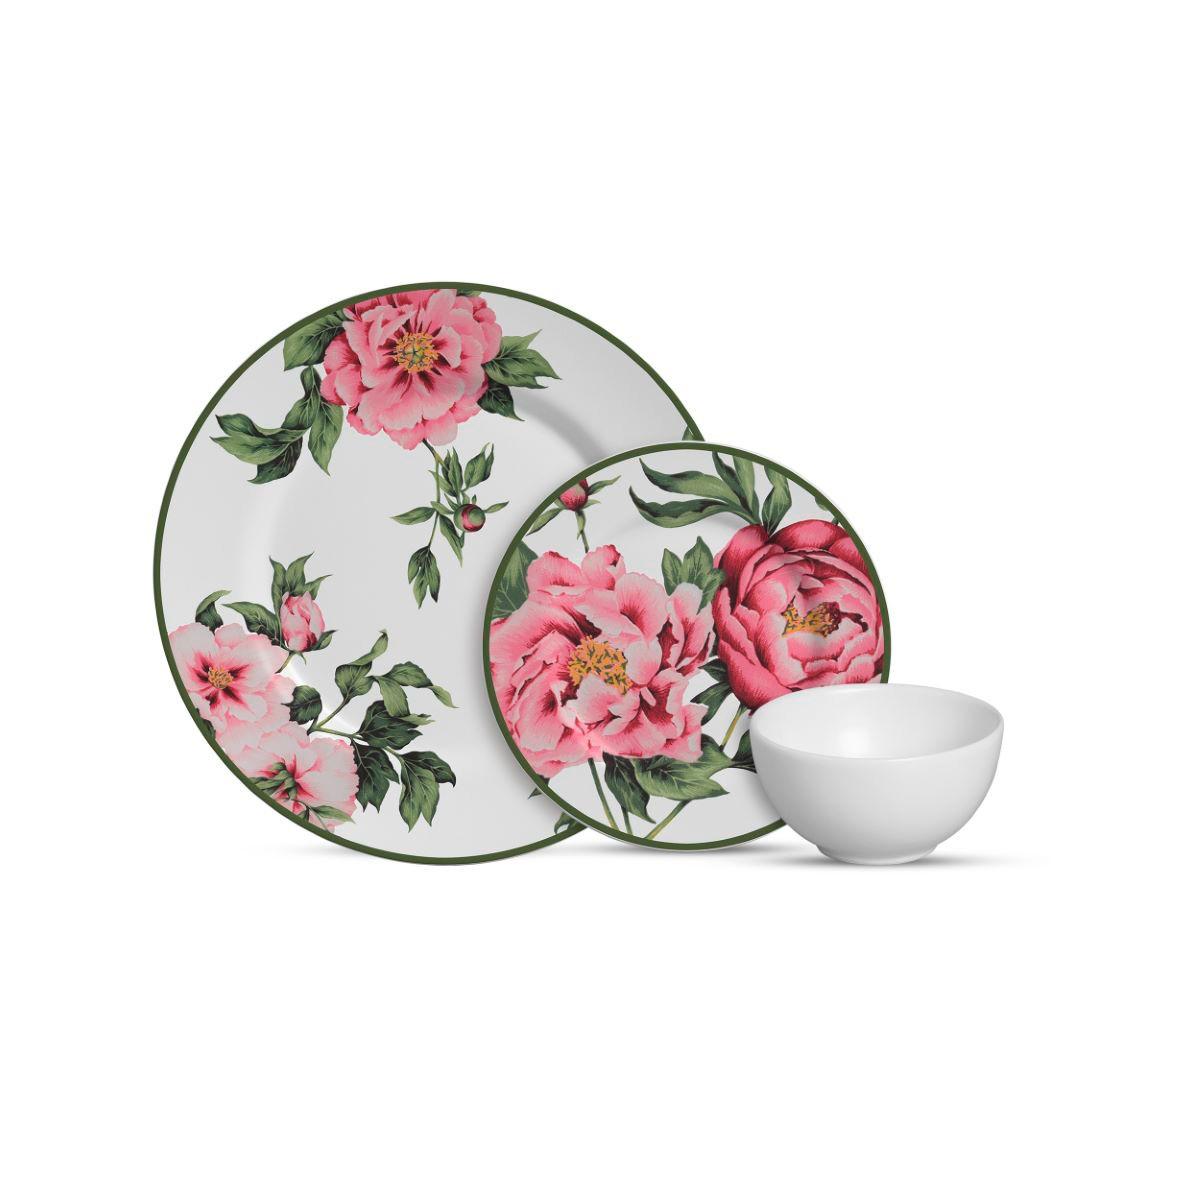 Aparelho De Jantar Cerâmica Peony Rose 12 Pç